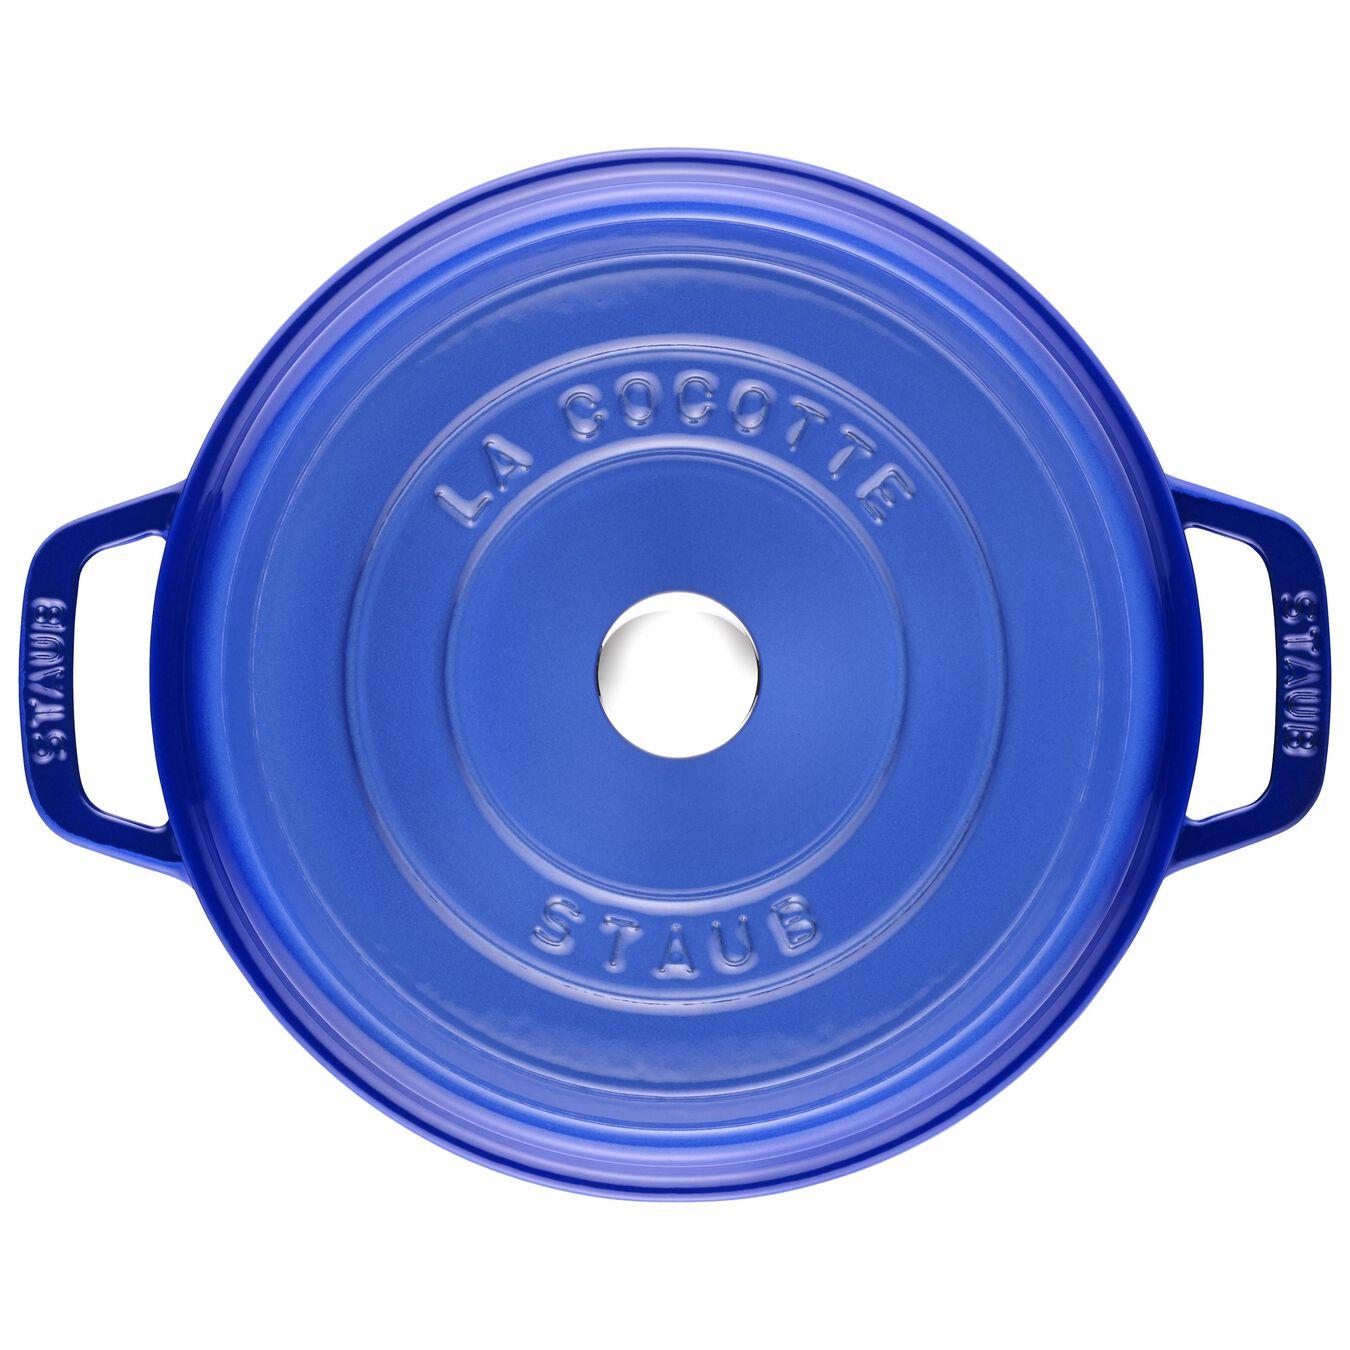 Cocotte 24 cm, rund, Königs-Blau, Gusseisen,,large 1